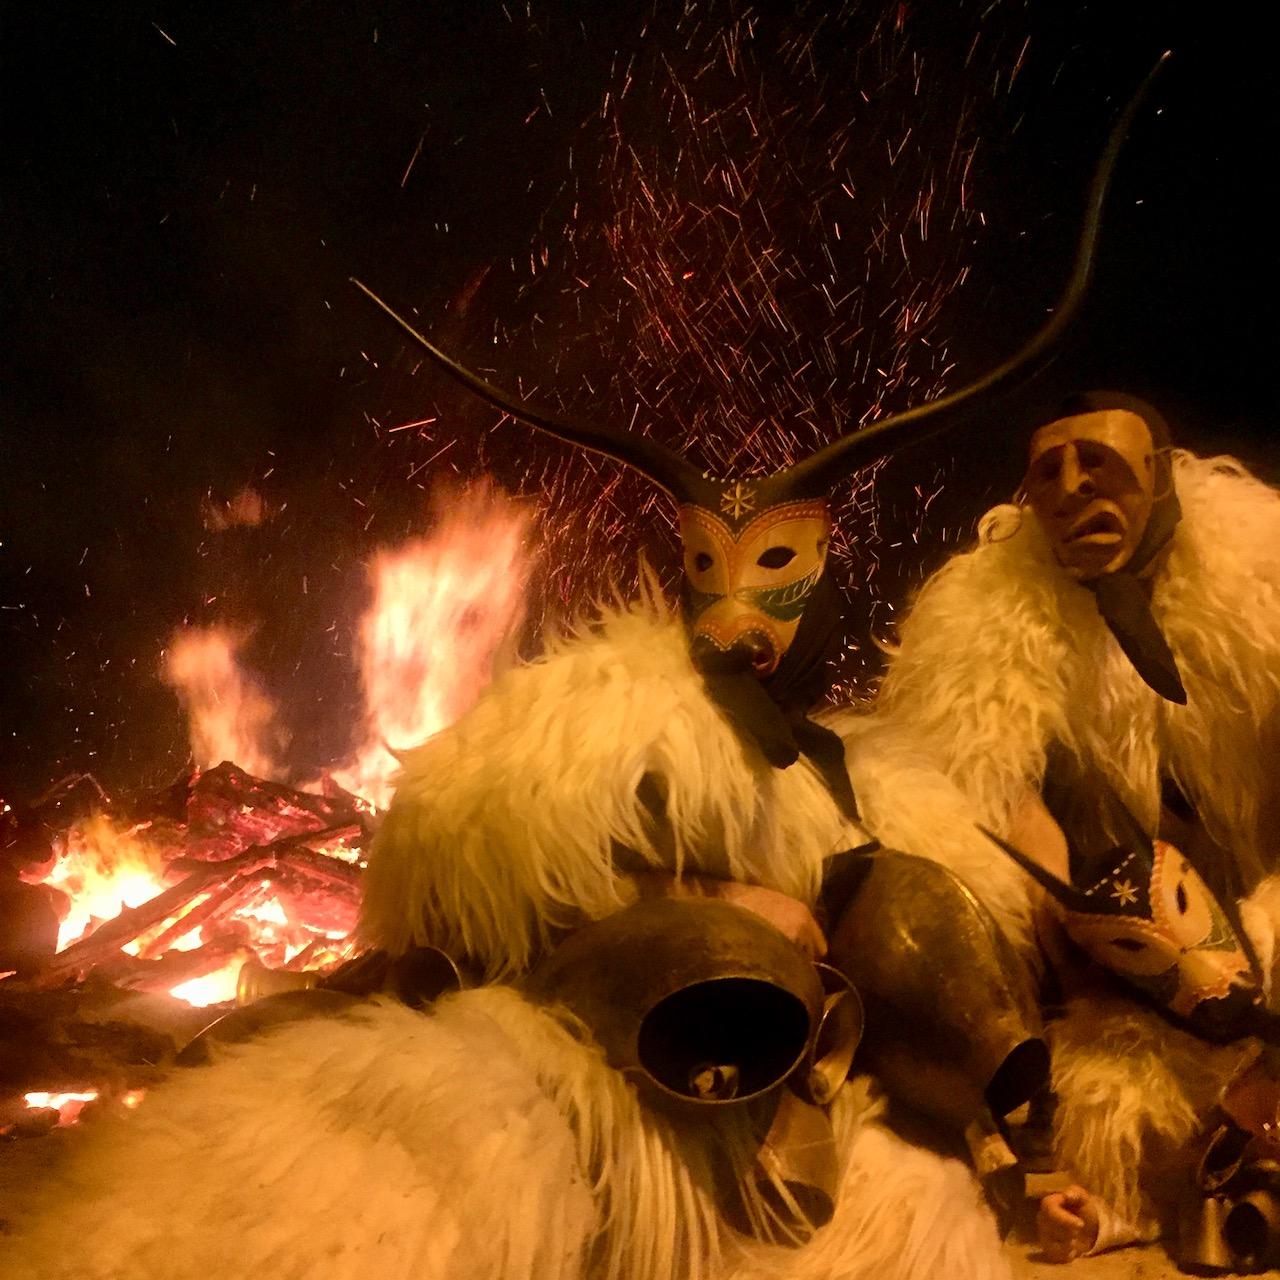 Reisetermin und -ort am 16./17. Januar: Feuer von Sant'Antonio, mit den Boes e Merdules in Ottana